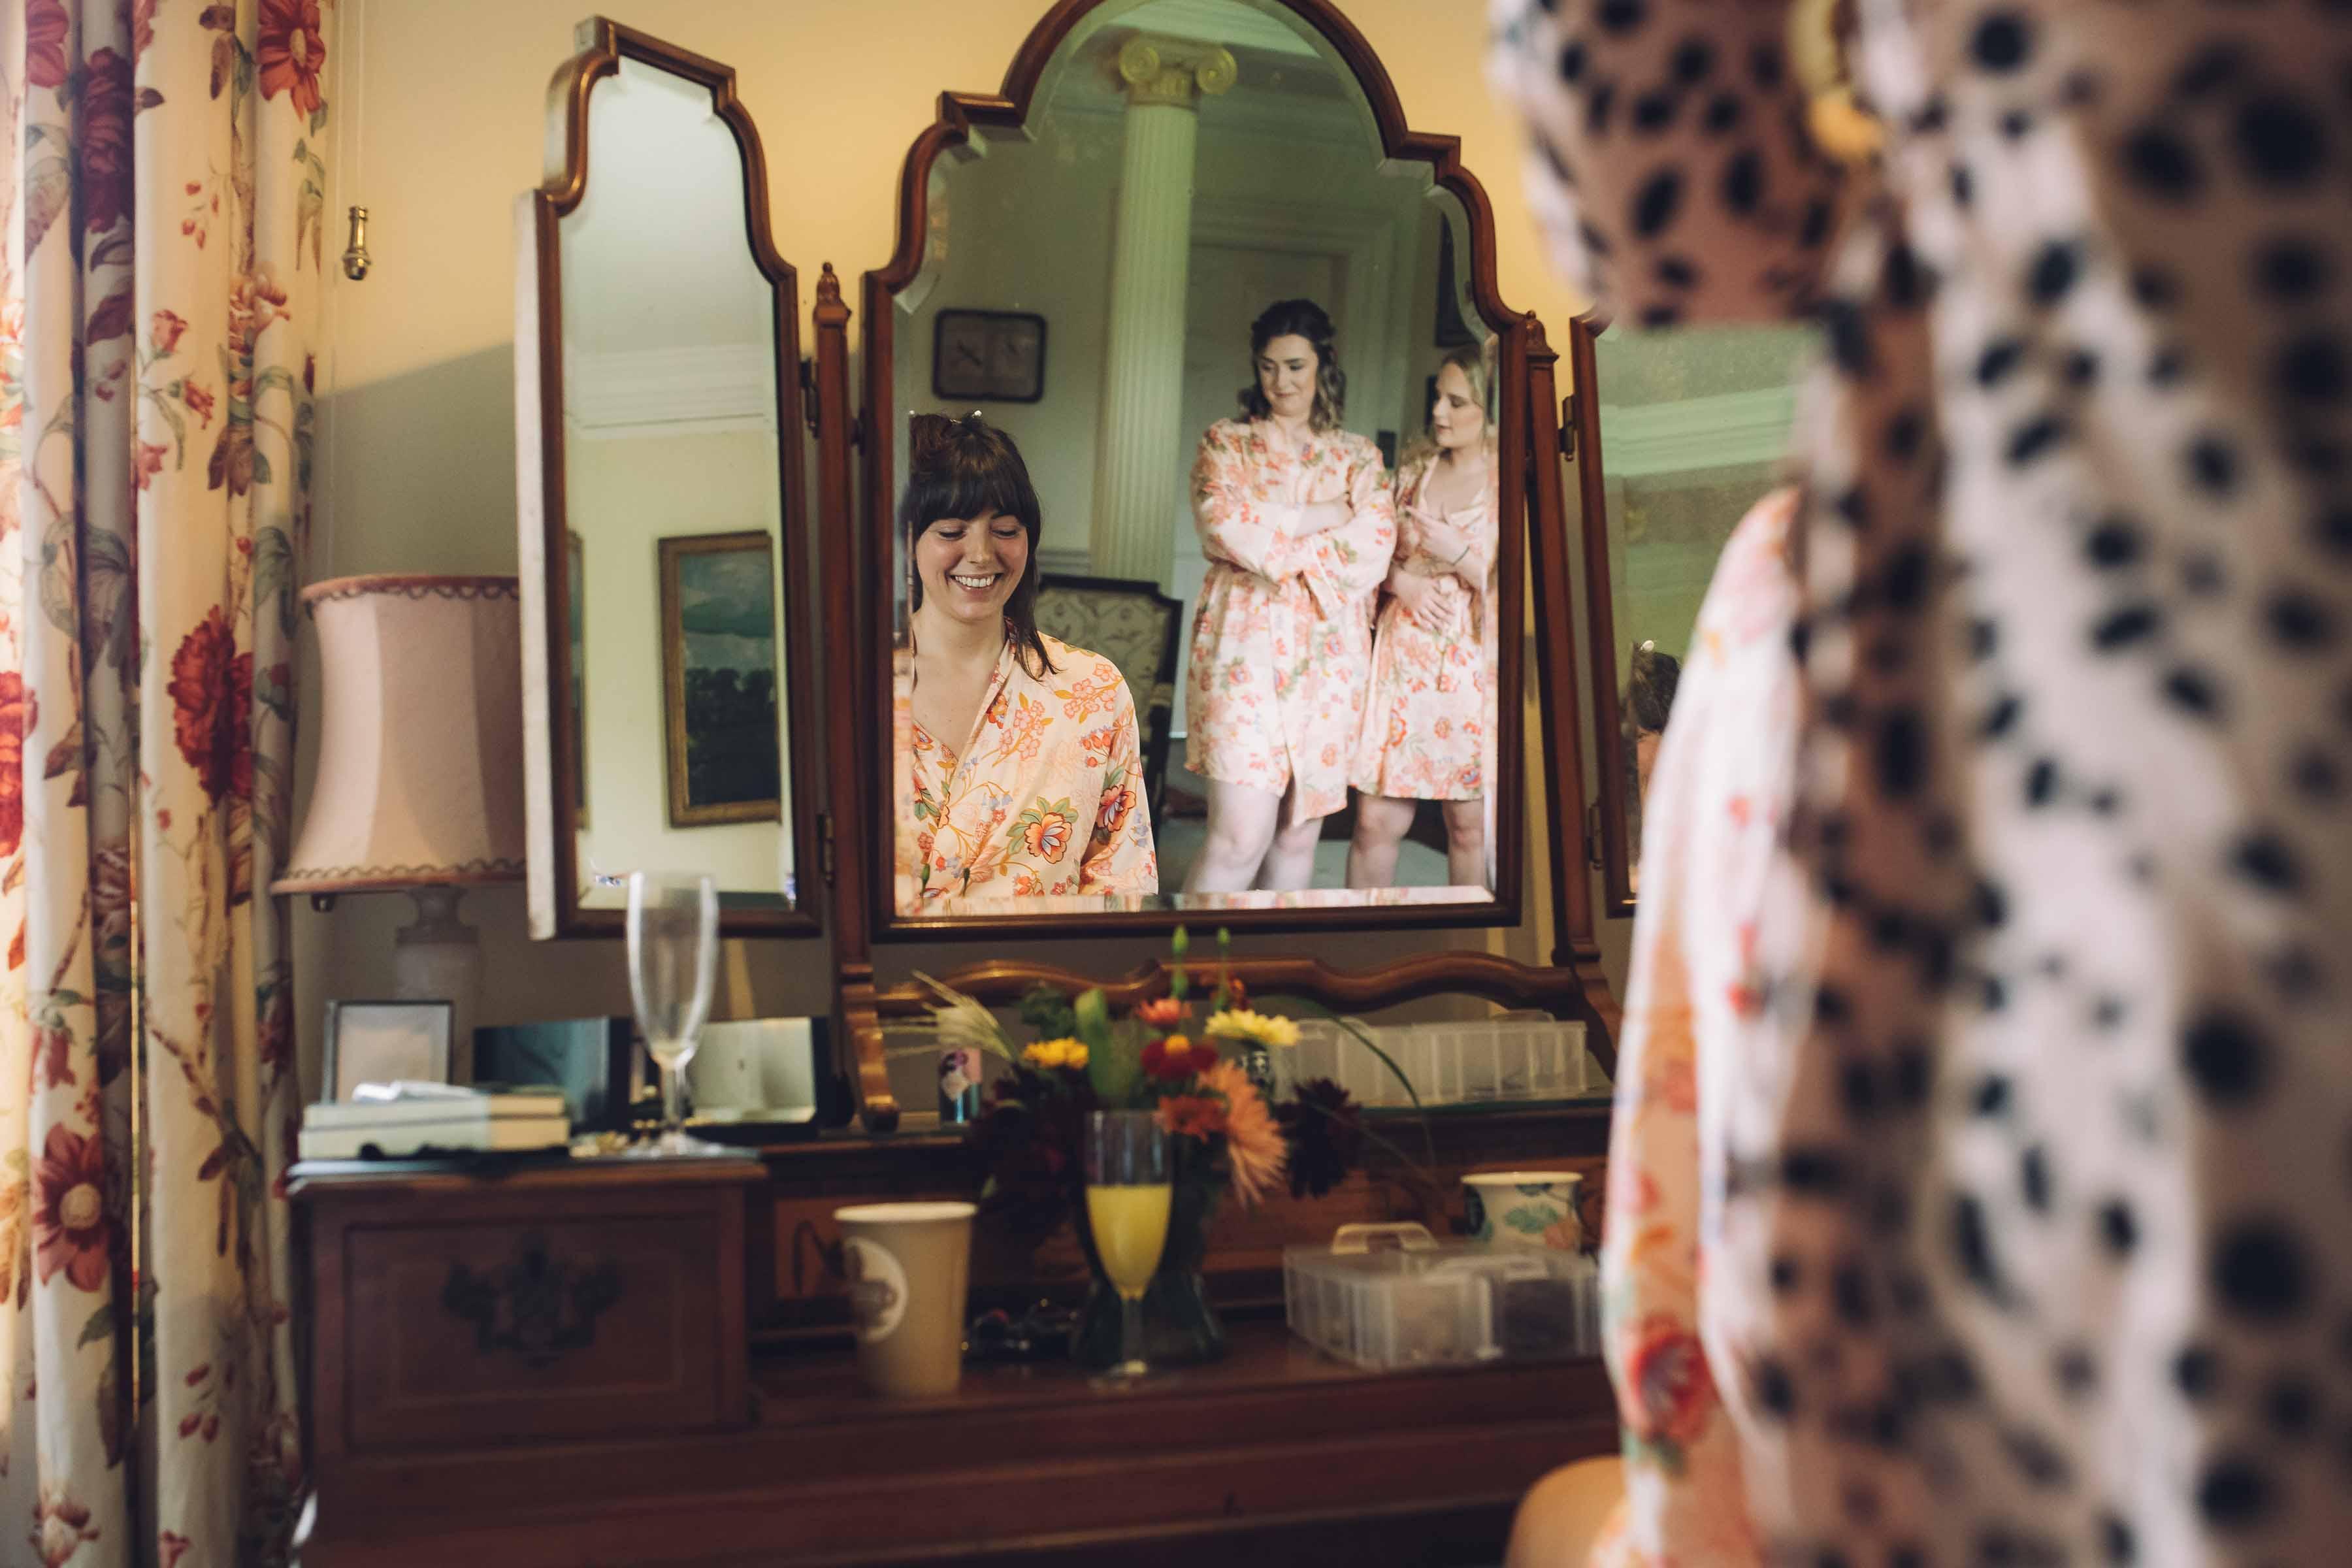 Bridesmaids in Mirror with Bride